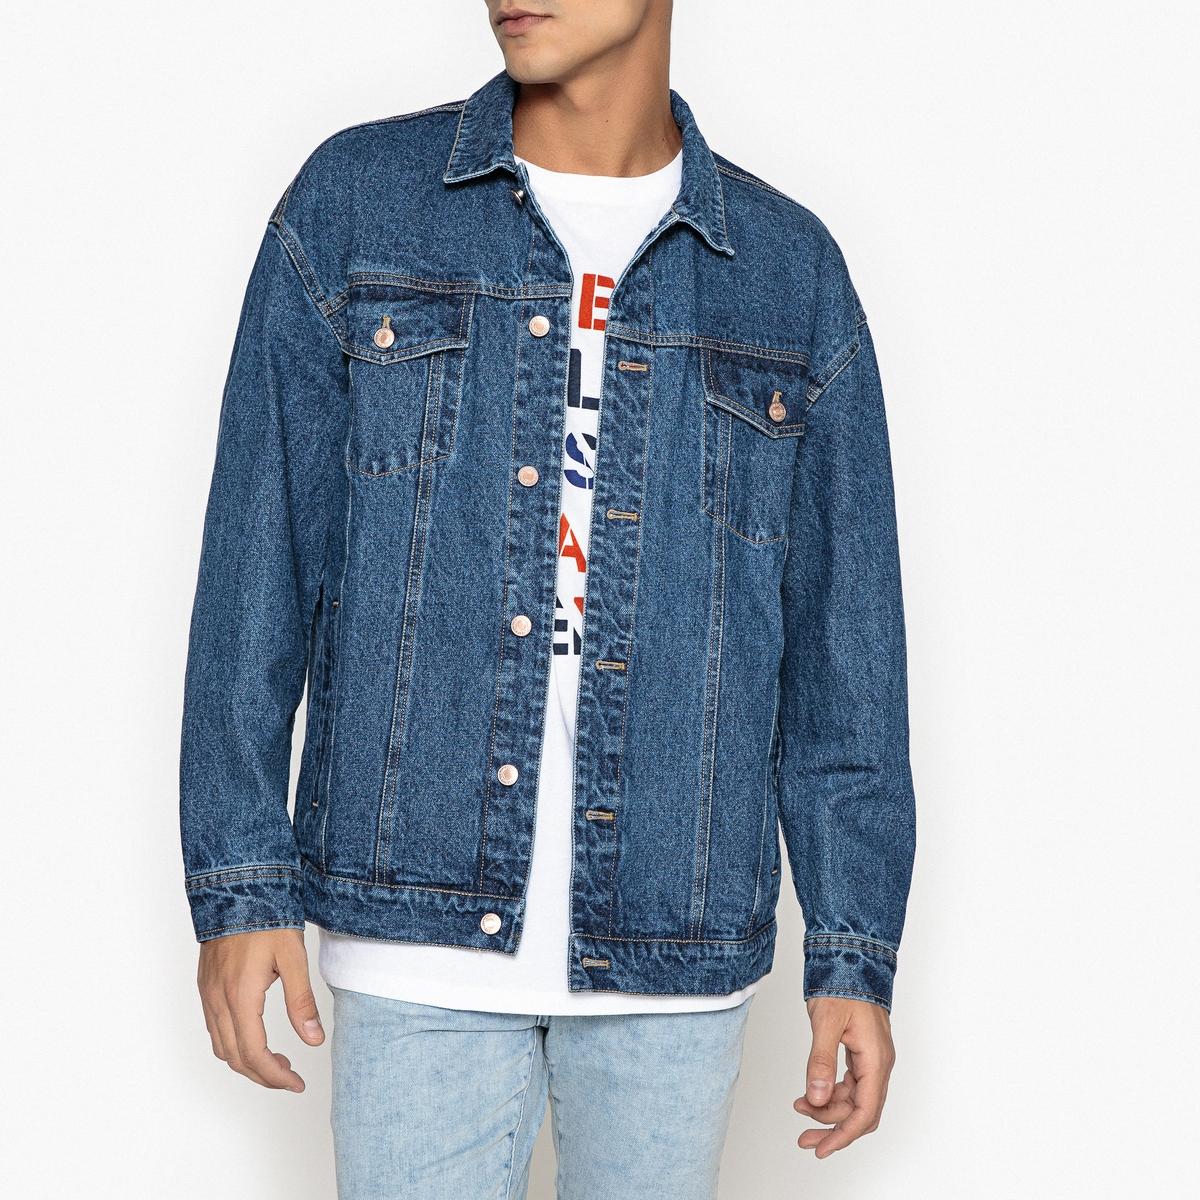 Жакет оверсайз из джинсовой ткани от La Redoute